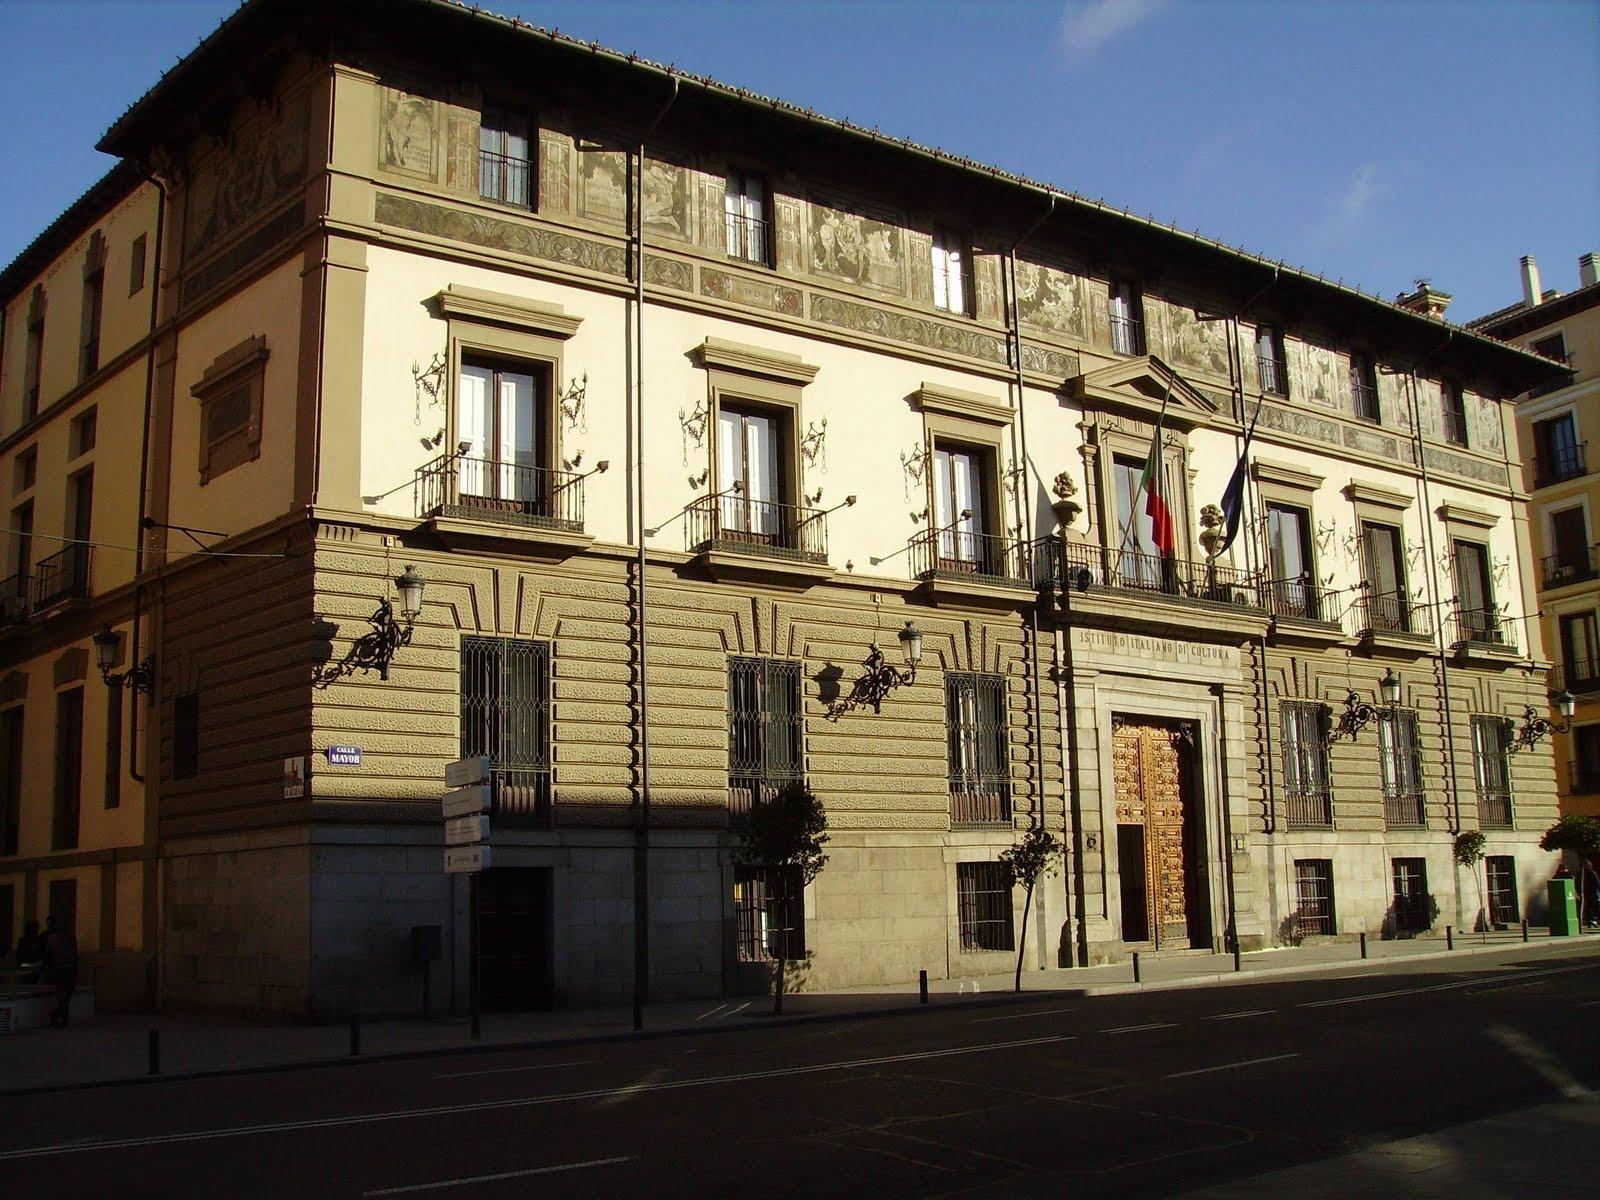 Leonardo da vinci septiembre 2011 for Instituto italiano de cultura madrid